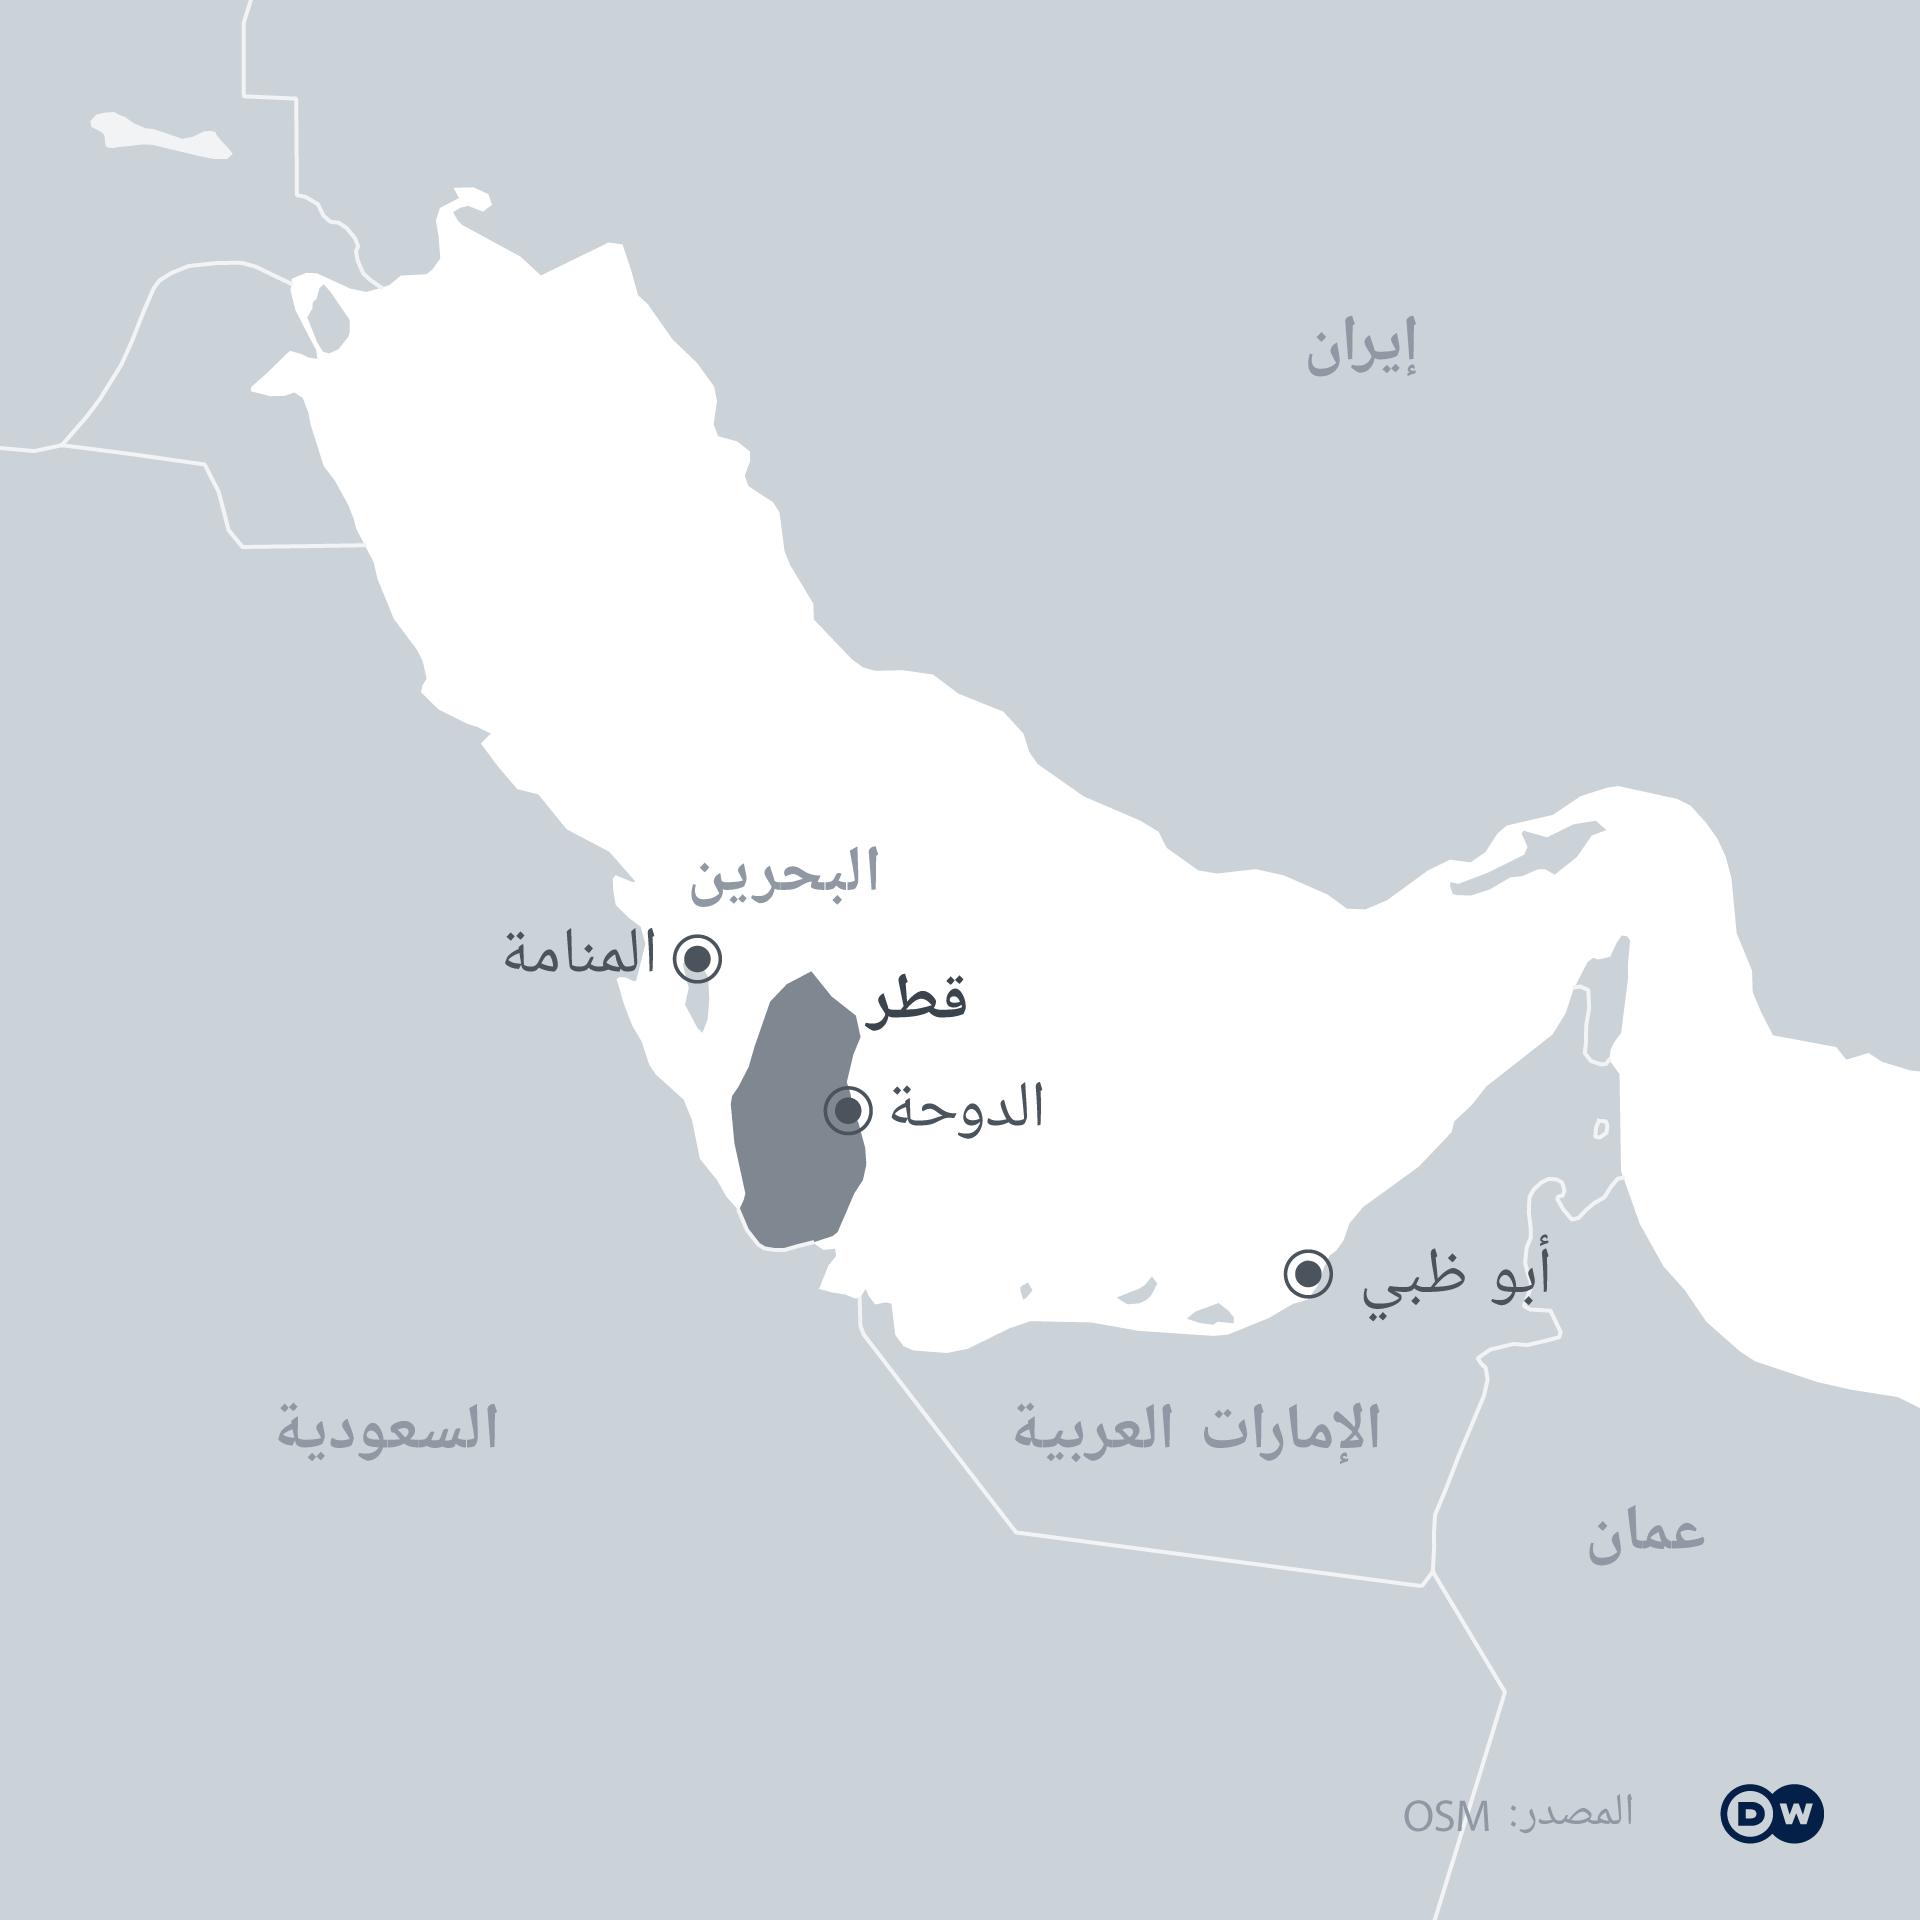 Karte - Golfstaaten - AR